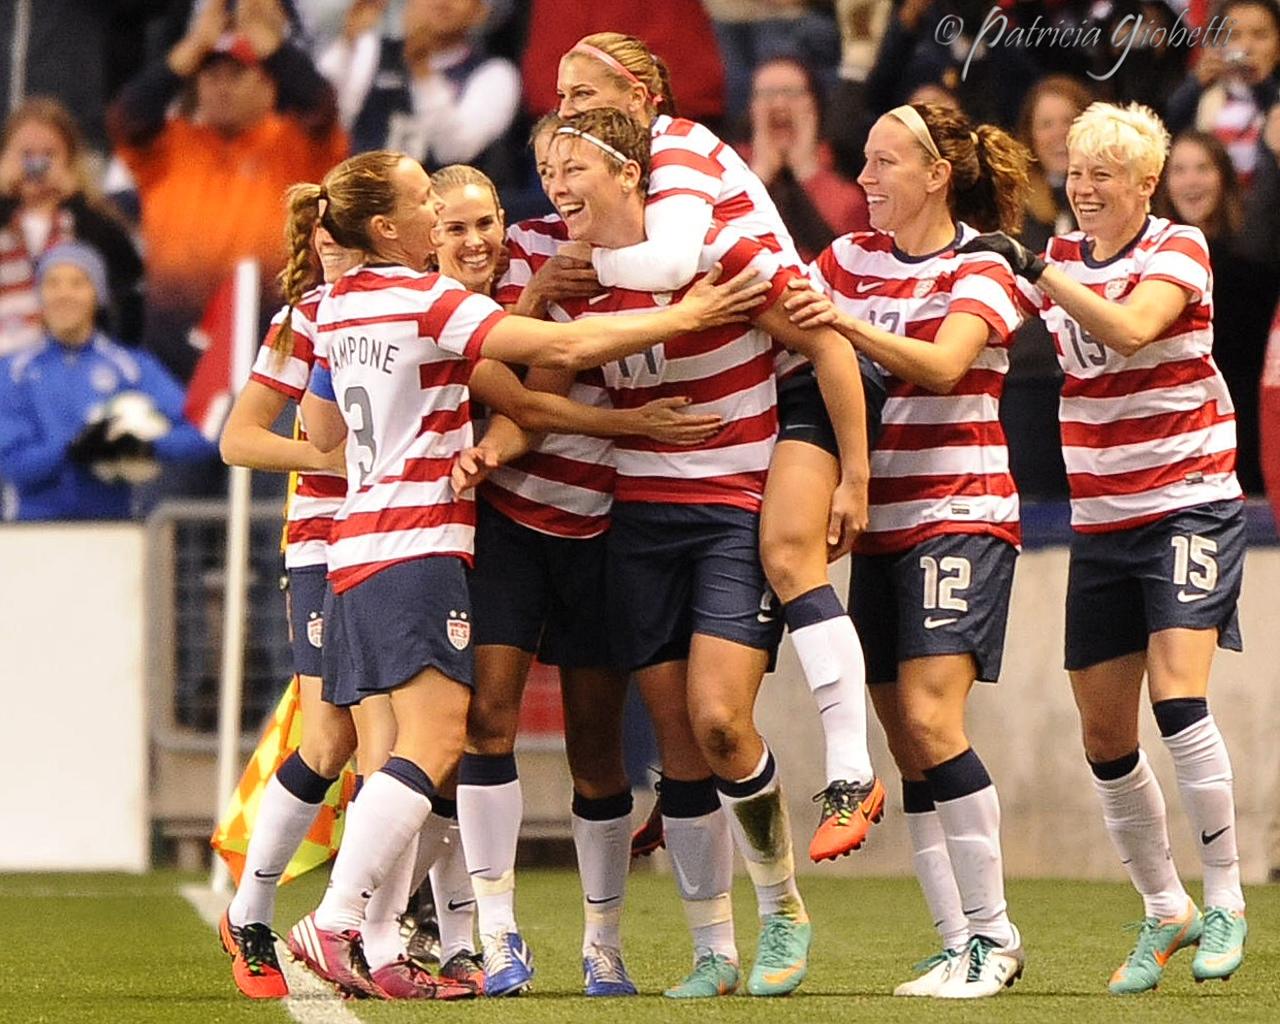 The U.S. women will play South Korea on June 15 and June 20. (Copyright Patricia Giobetti | http://www.printroom.com/pro/psgiobetti)